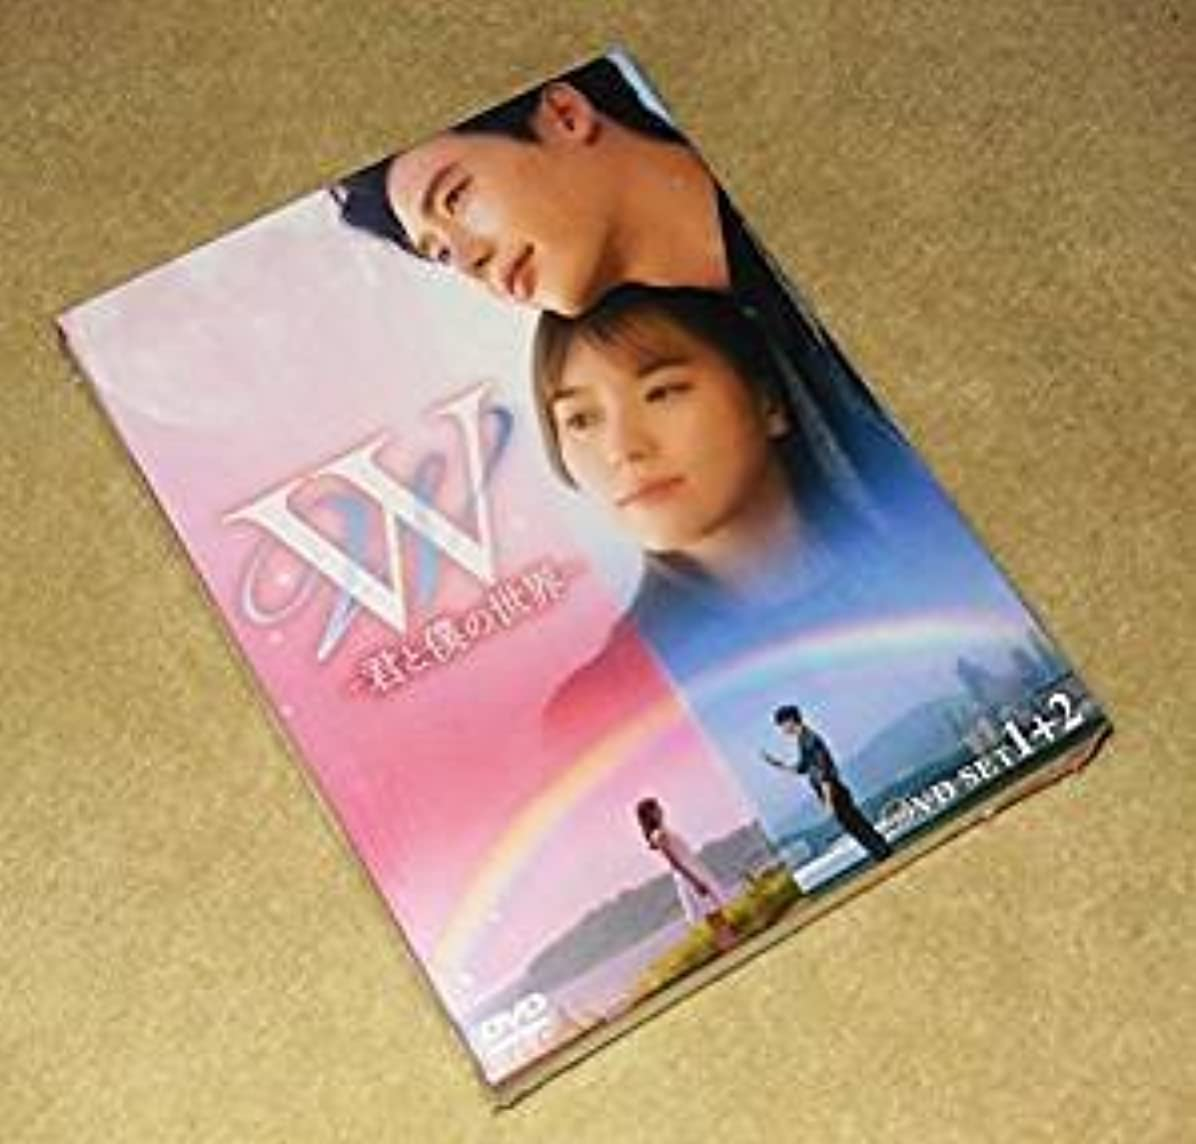 ステンレスゼロまだW -君と僕の世界- DVD SET 1+2 9枚組 韓国語/日本語字幕